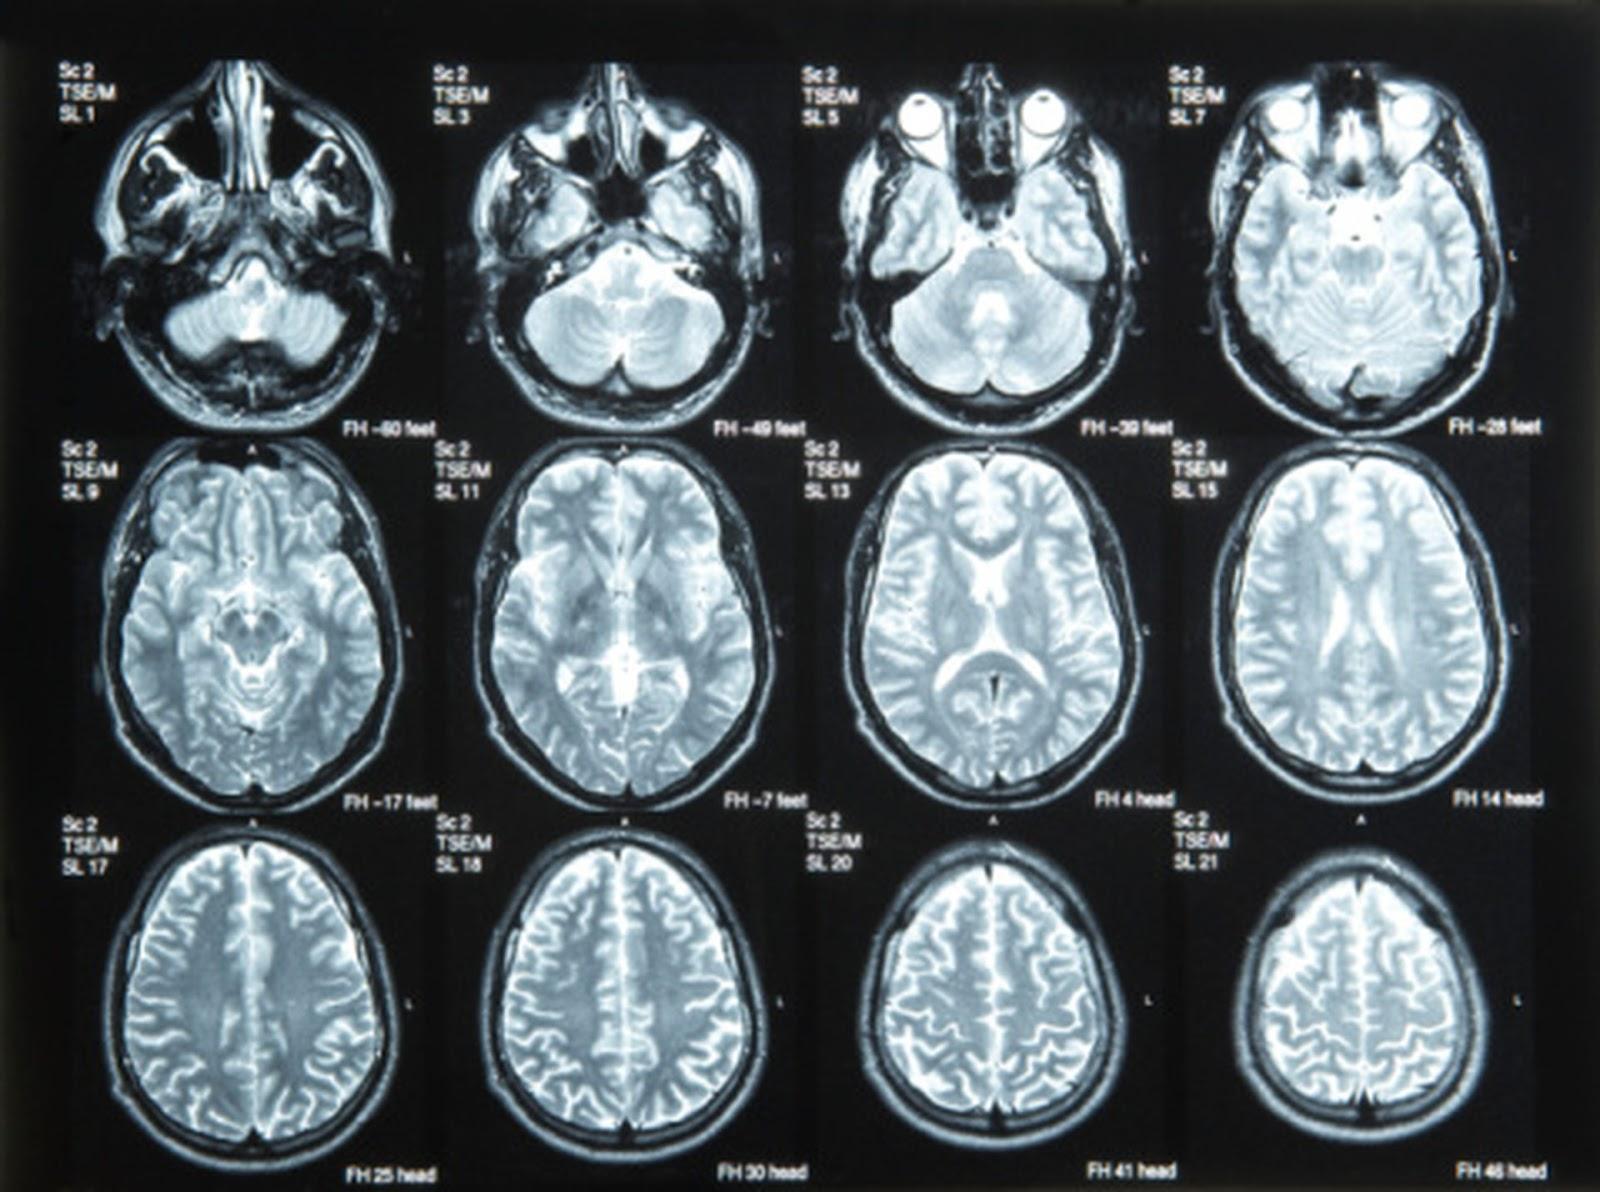 Tomar suplementos de cálcio causa lesões cerebrais